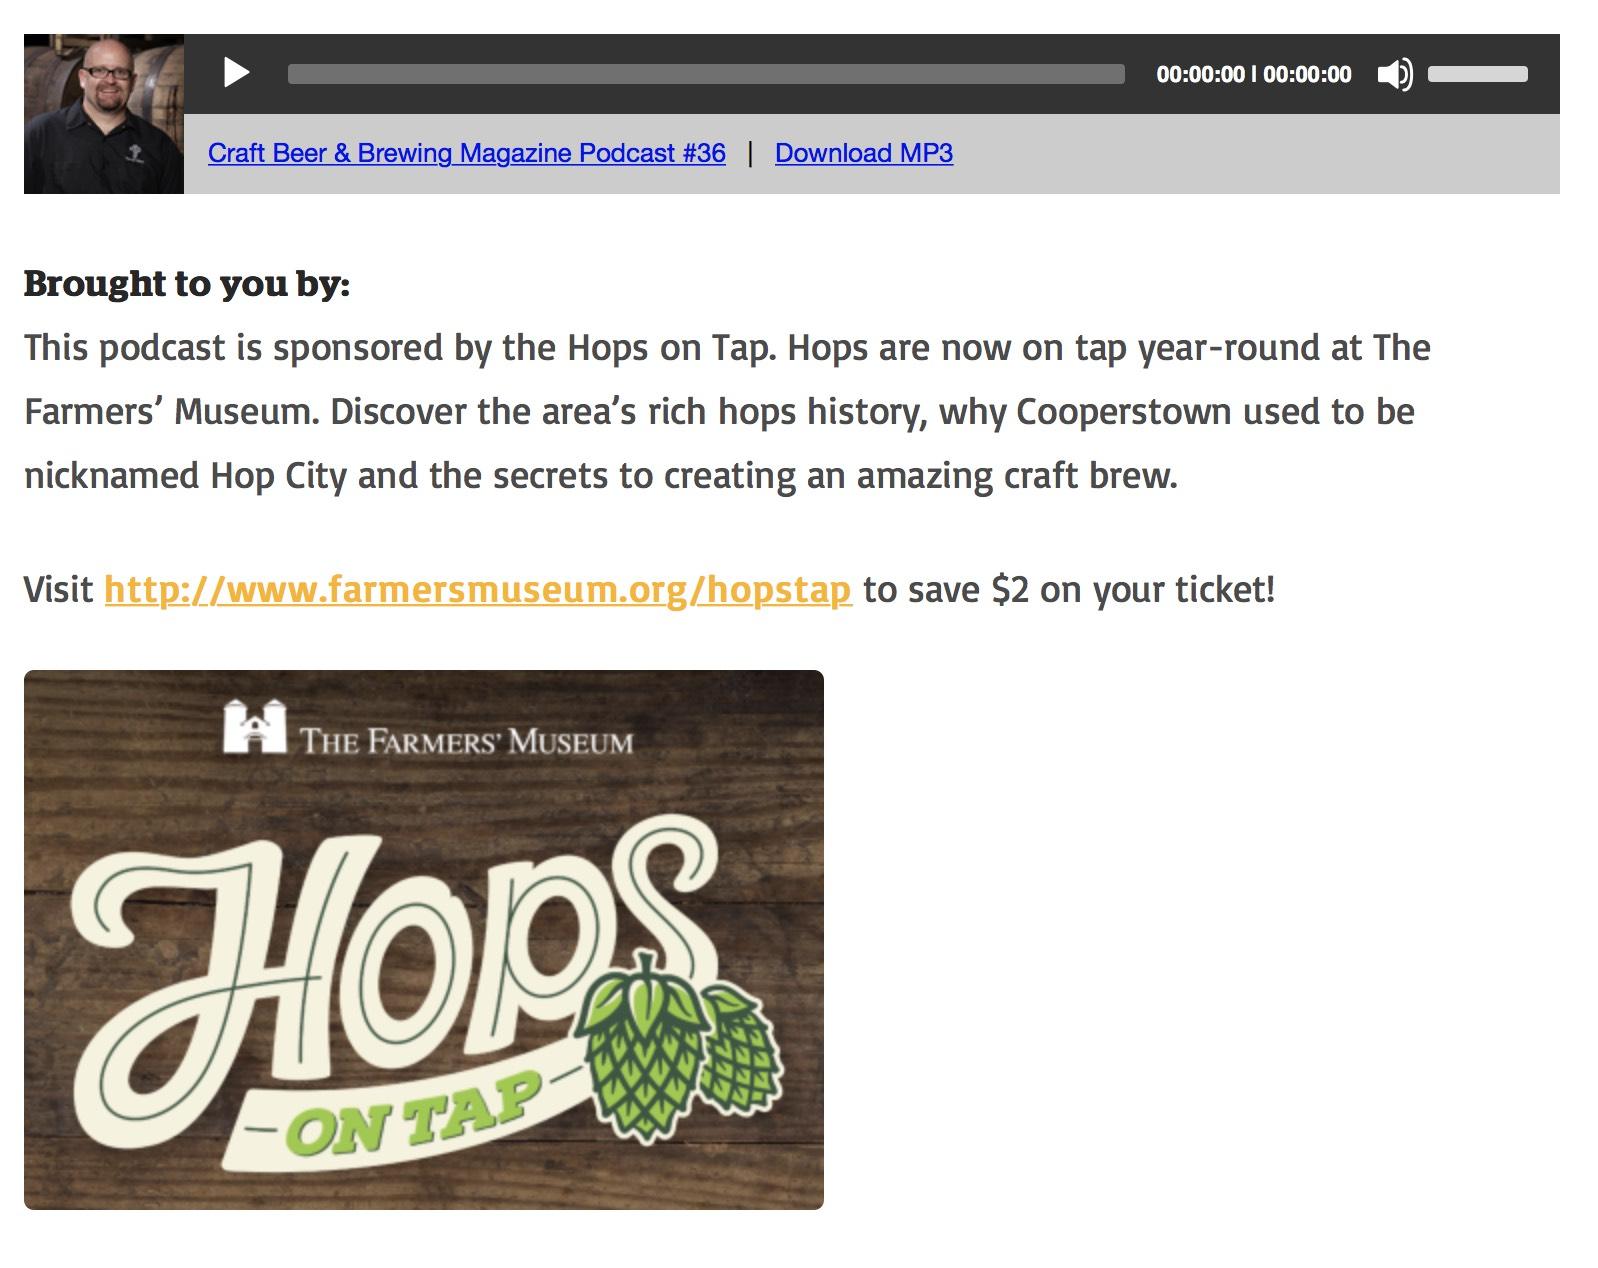 hops-on-tap.jpg